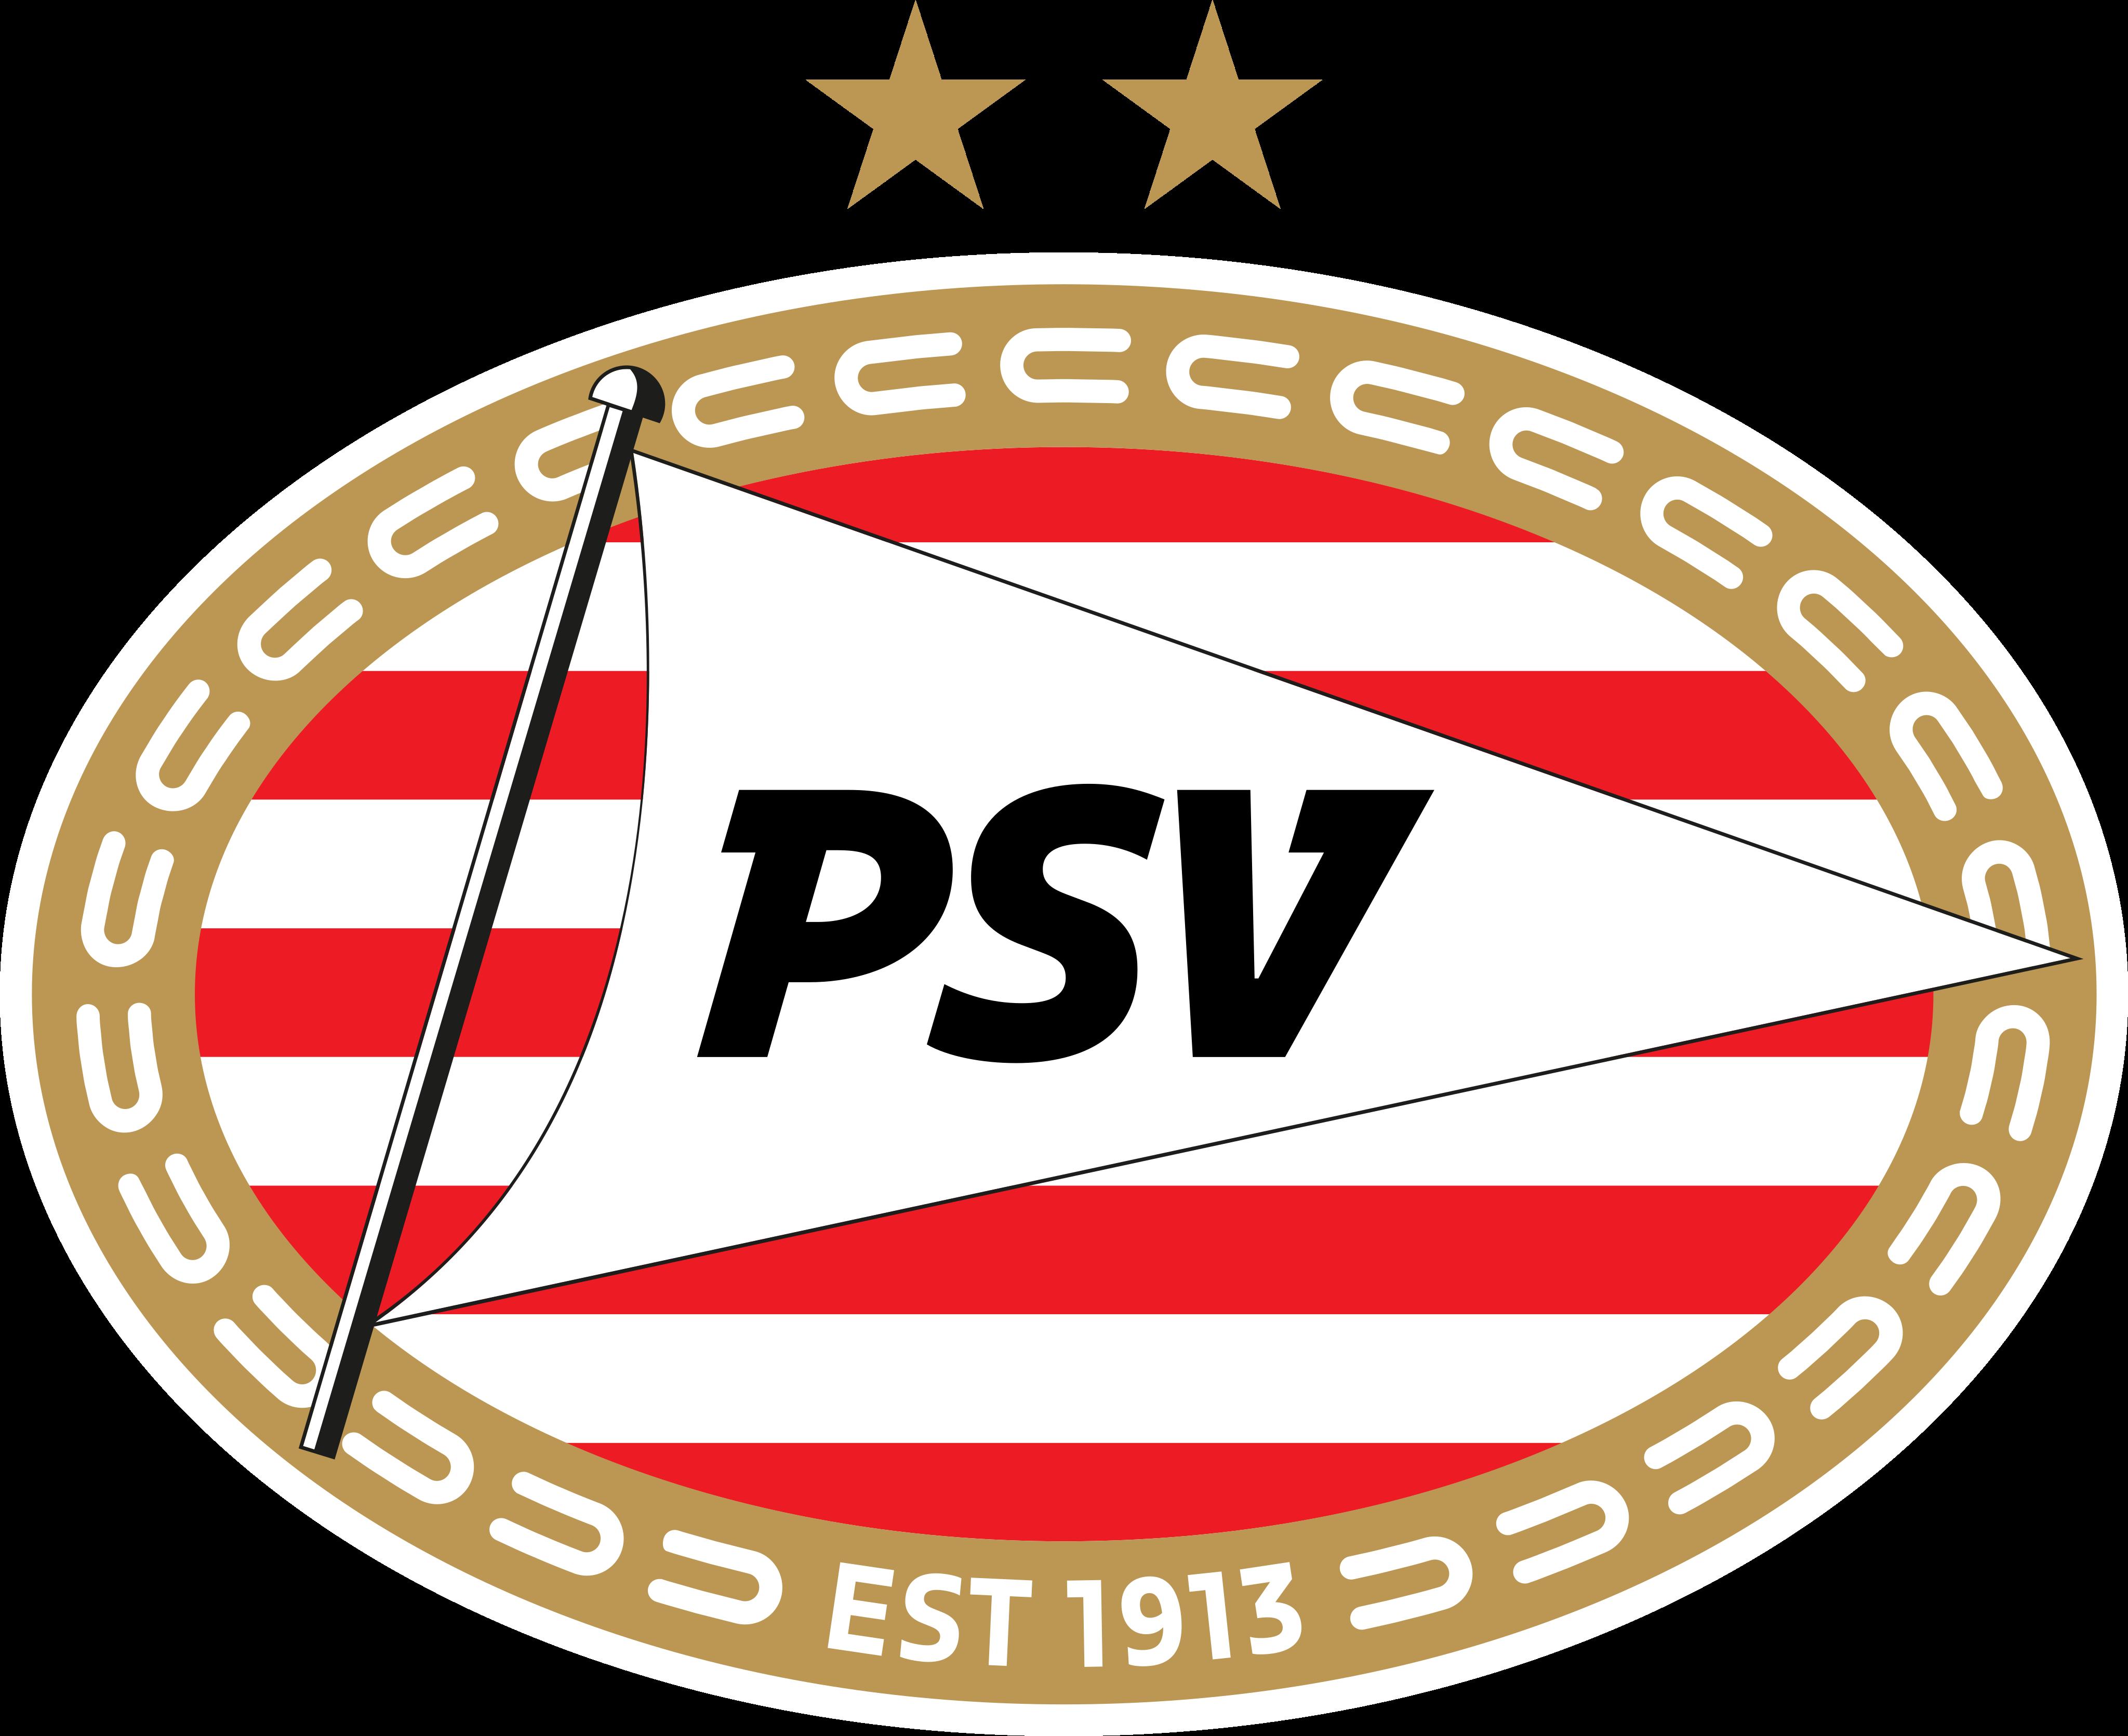 psv logo 1 - PSV Eindhoven Logo